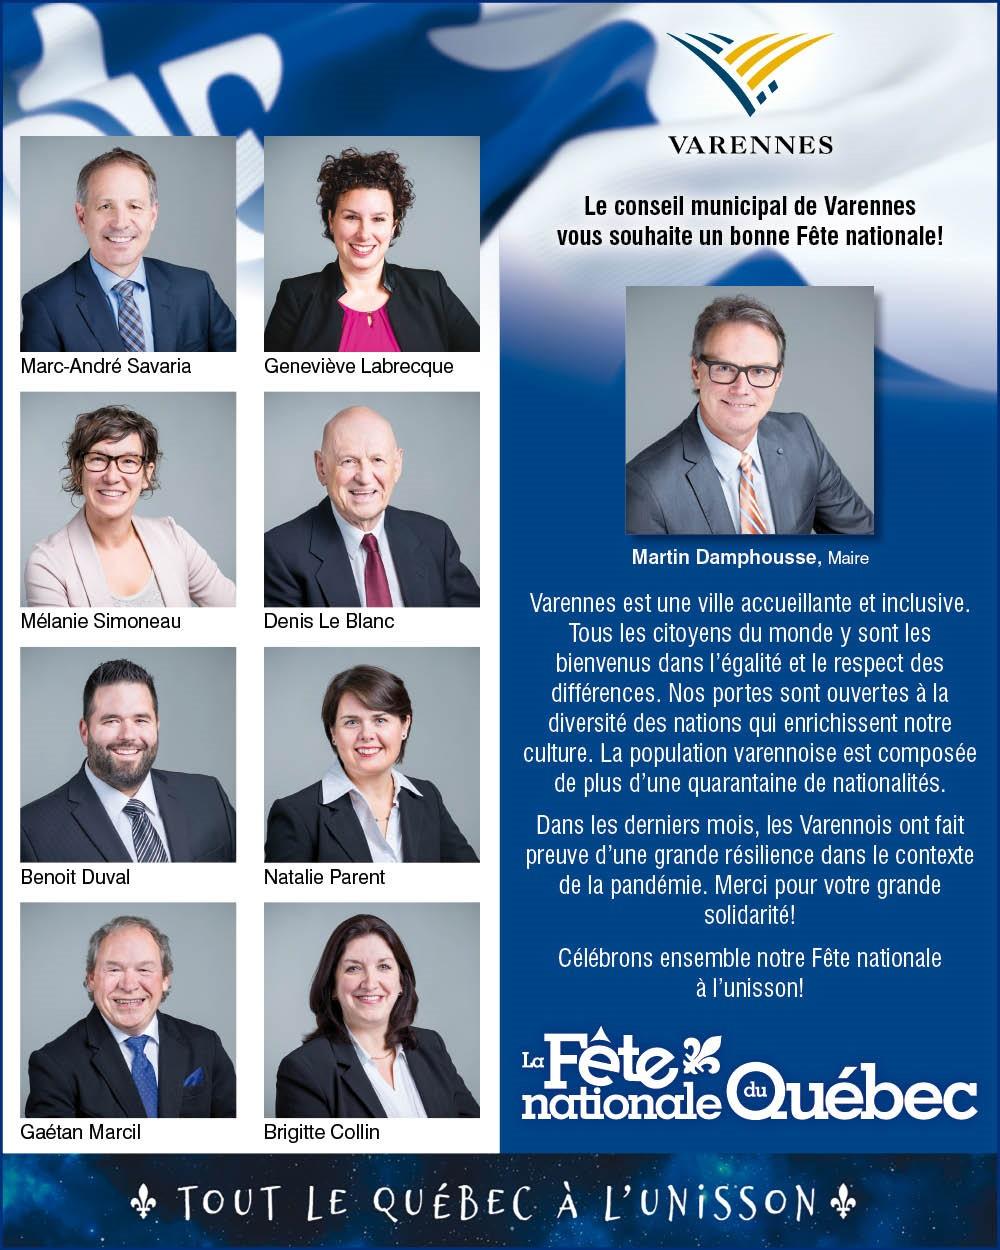 Voeux_conseil_municipal_Varennes_Fete_nationale.jpg (269 KB)